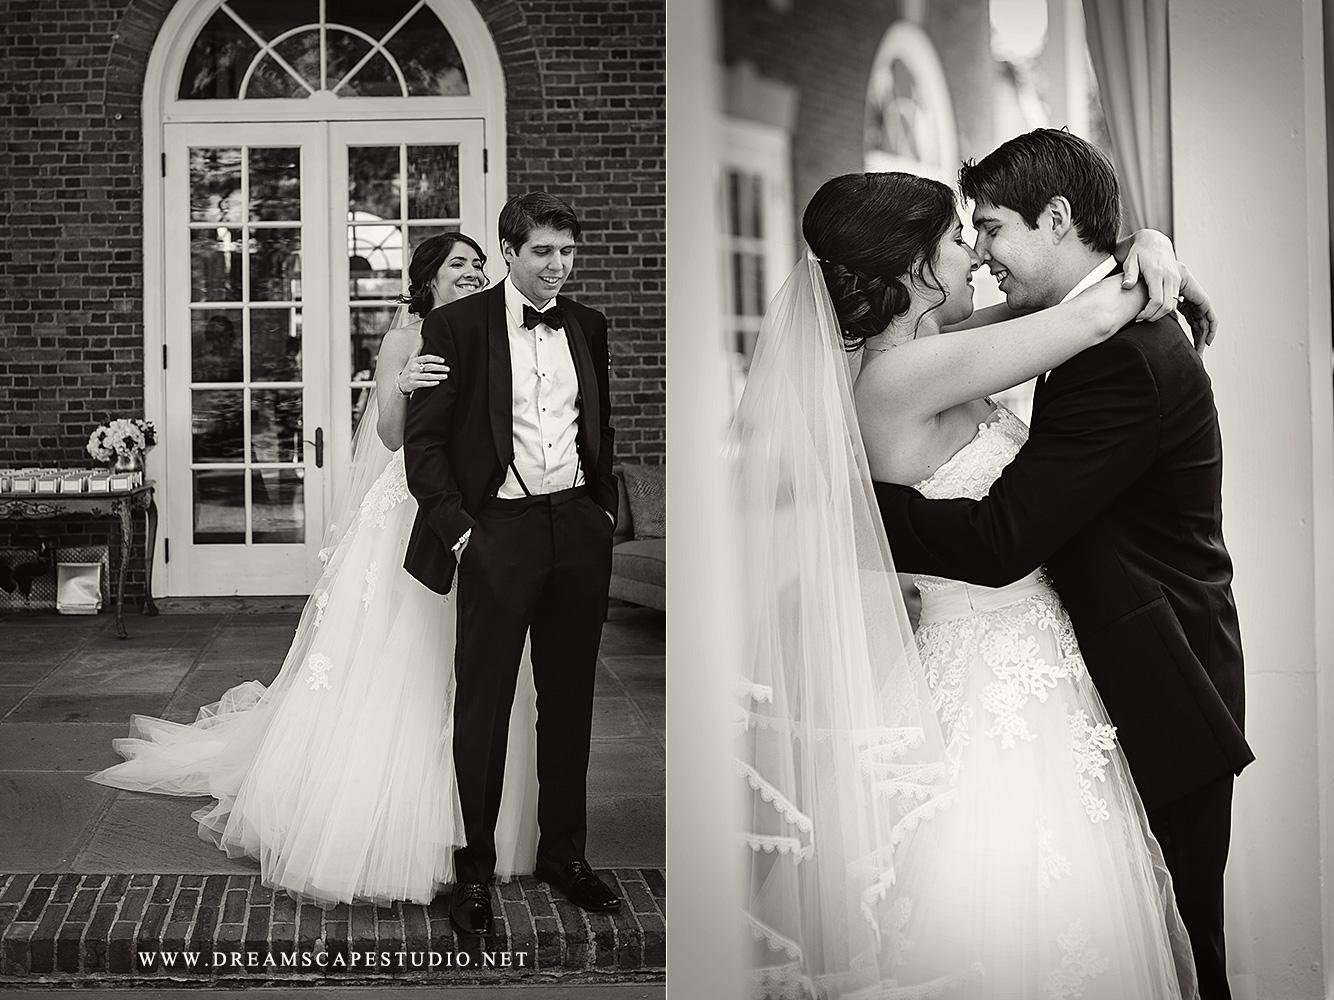 NY_Wedding_Photographer_JeRy_13.jpg